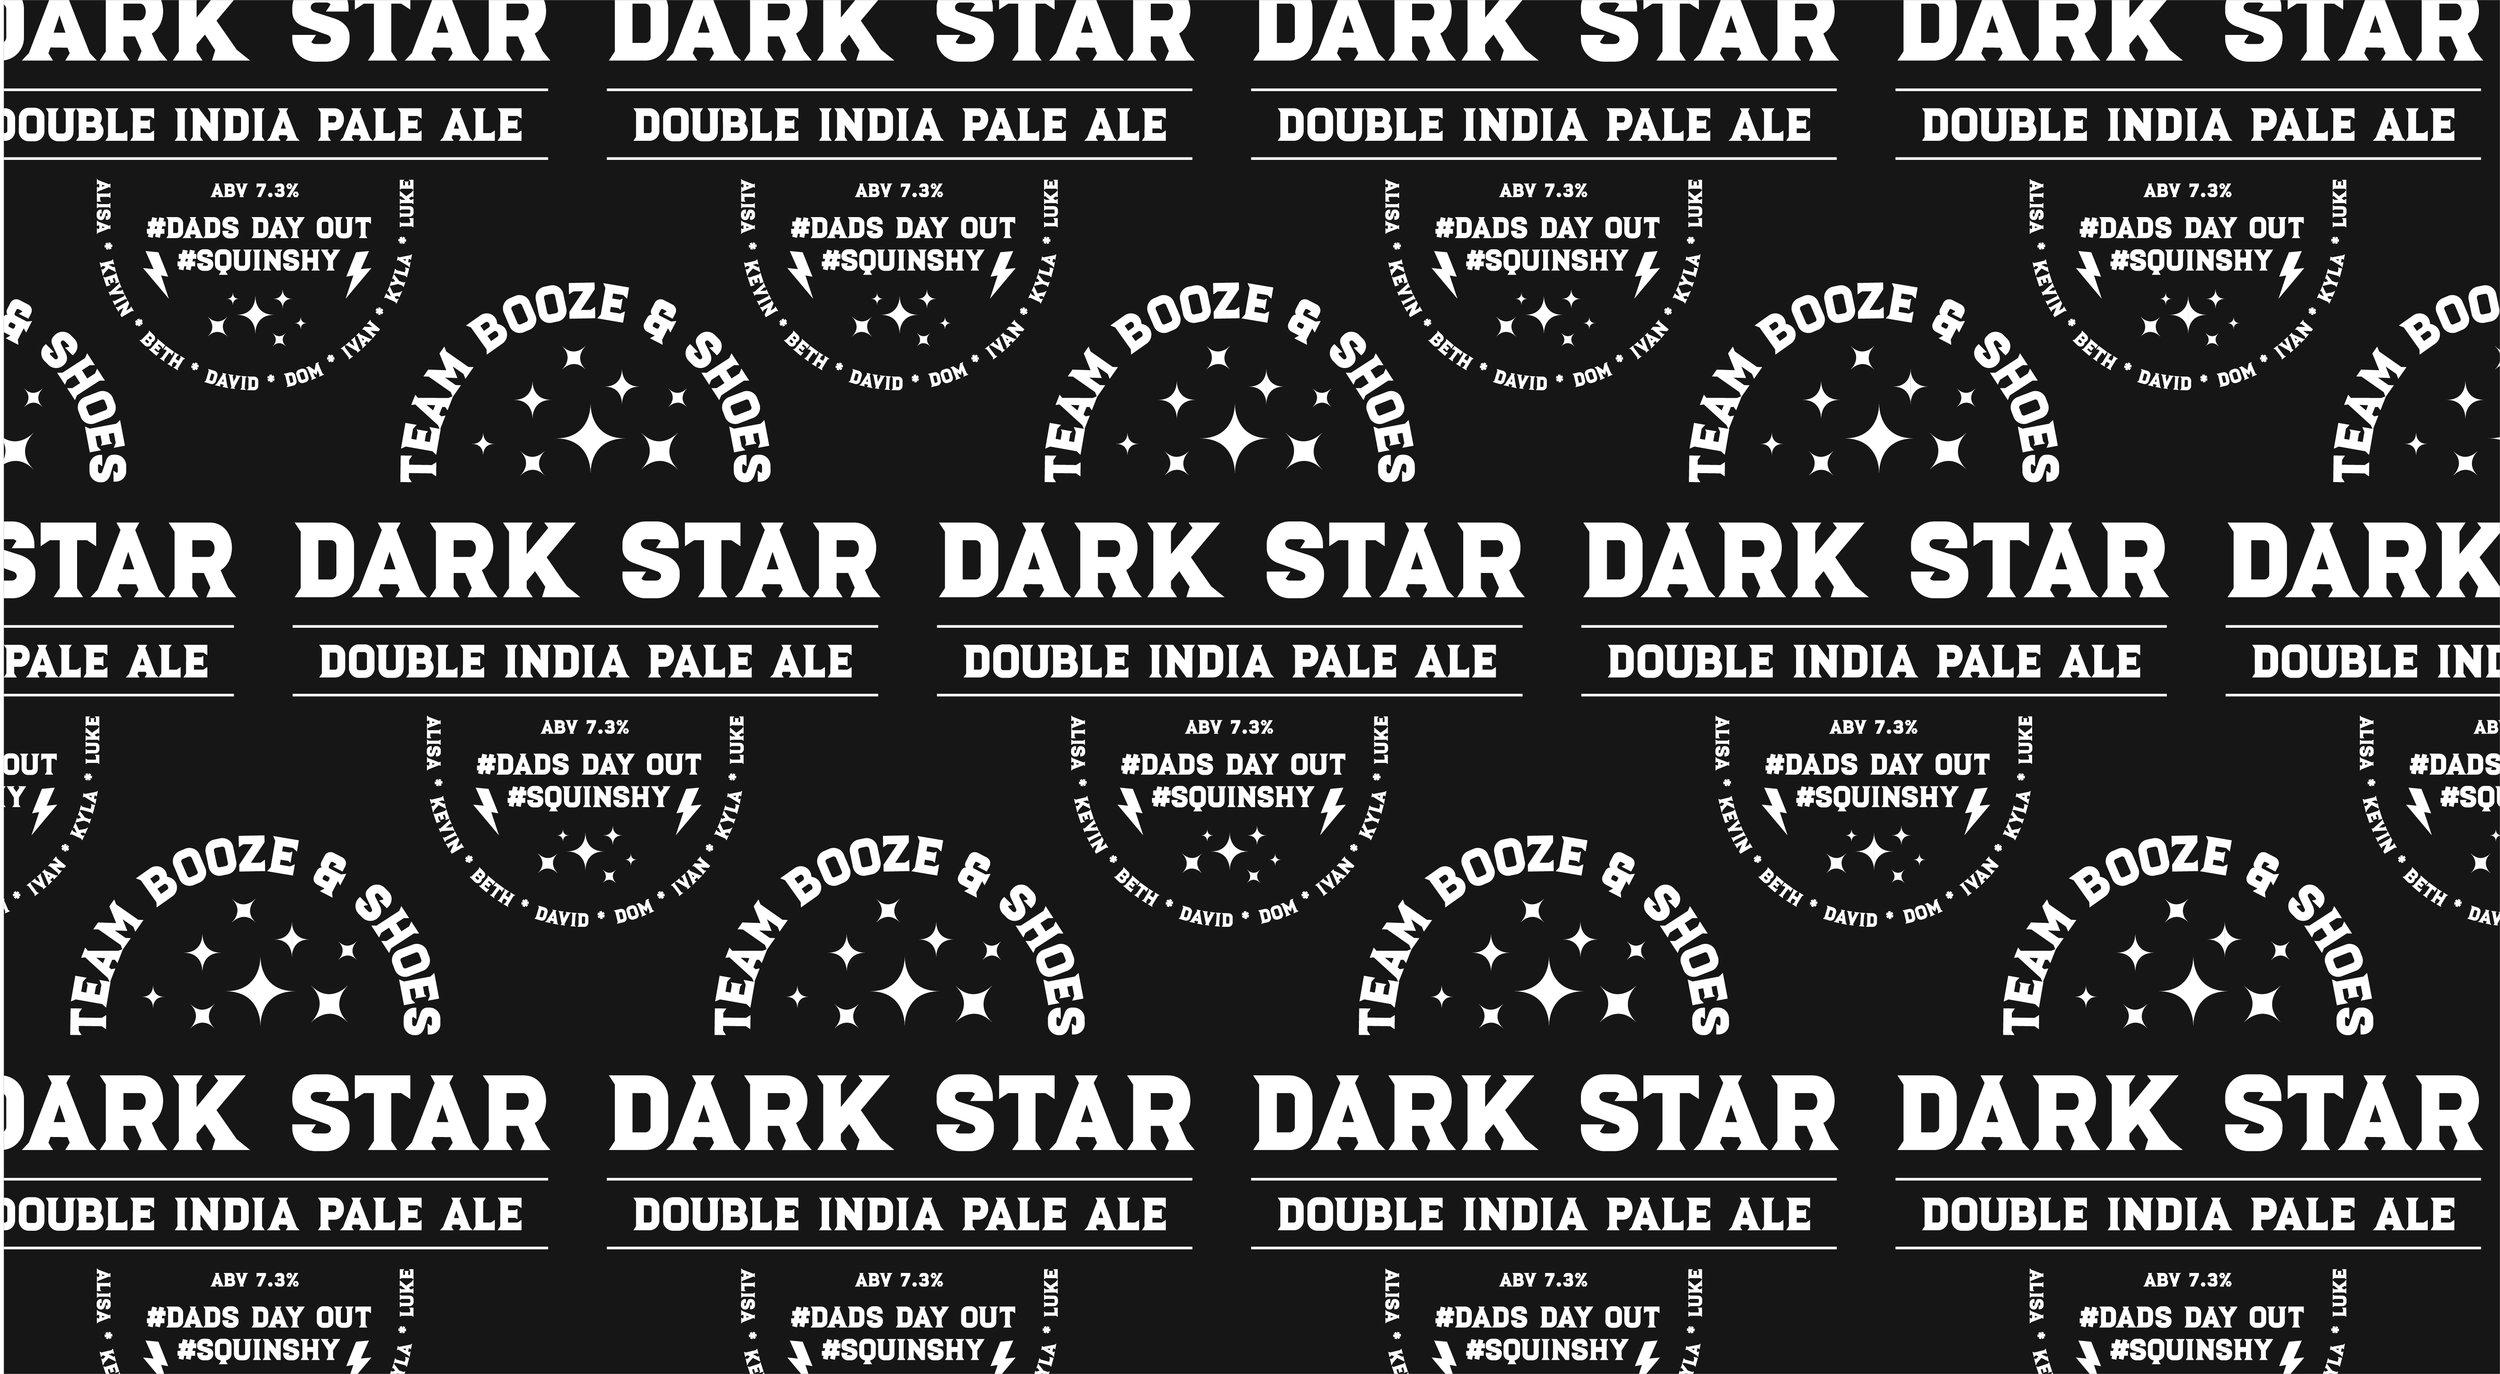 DarkStar_Logo-04.jpg